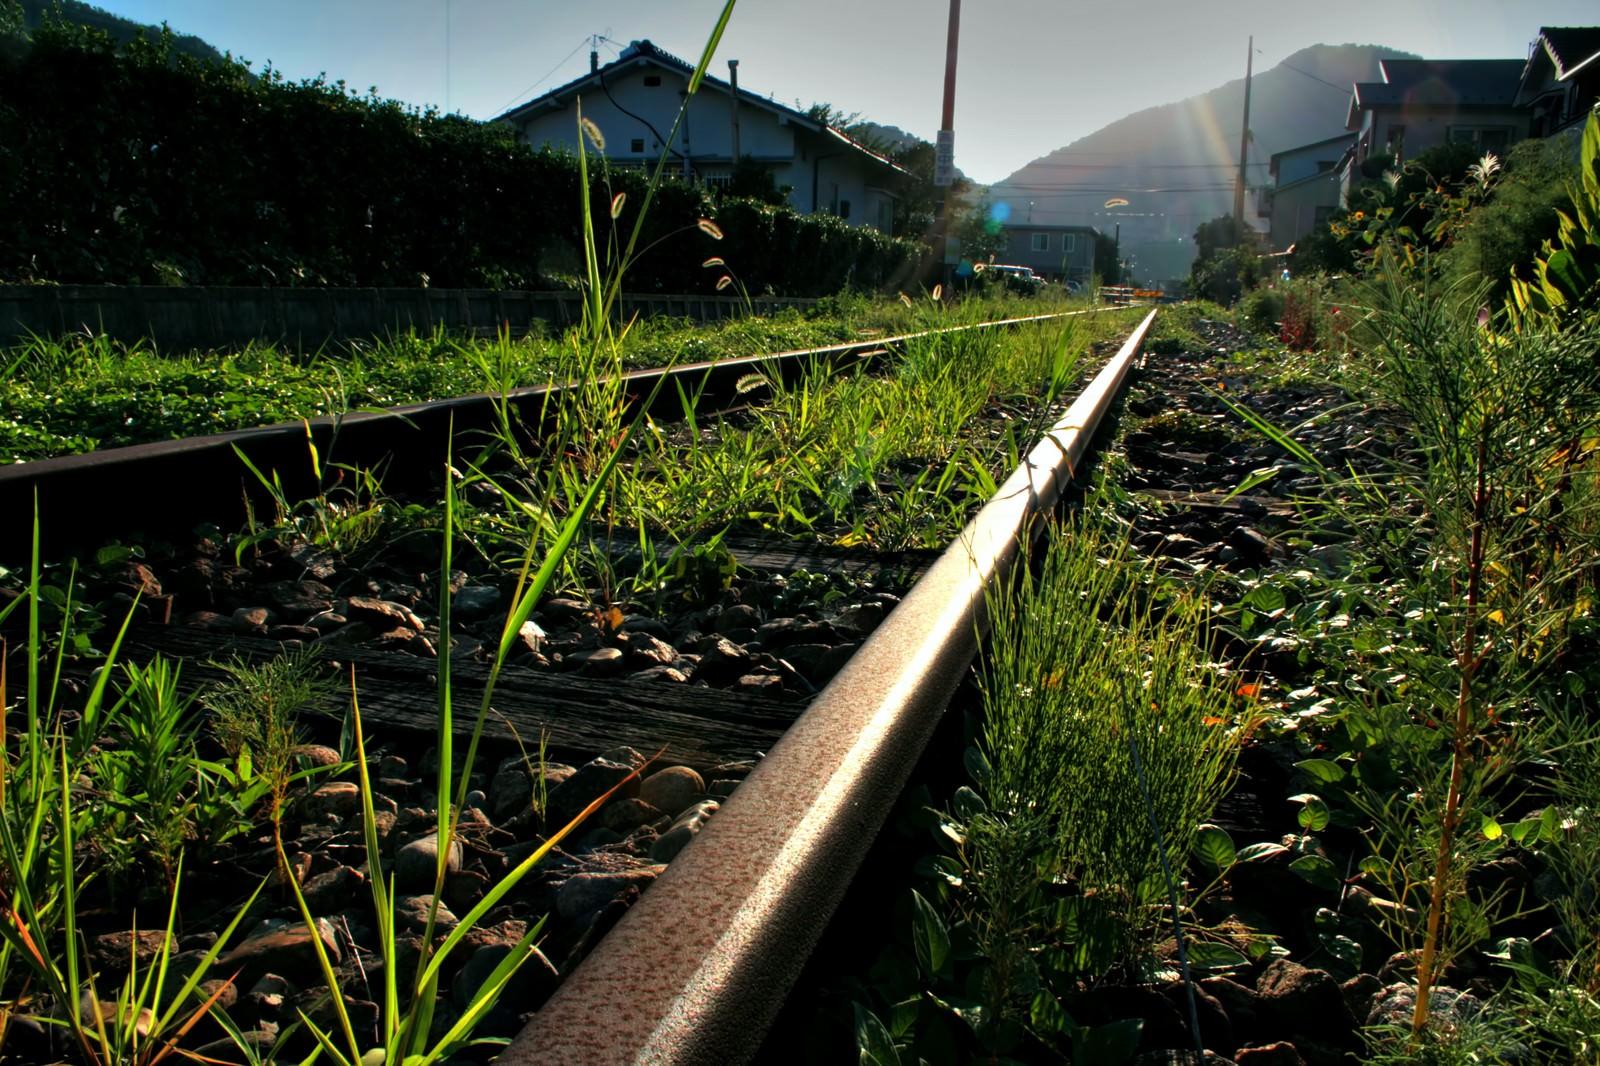 「廃線で雑草が伸びた線路」の写真